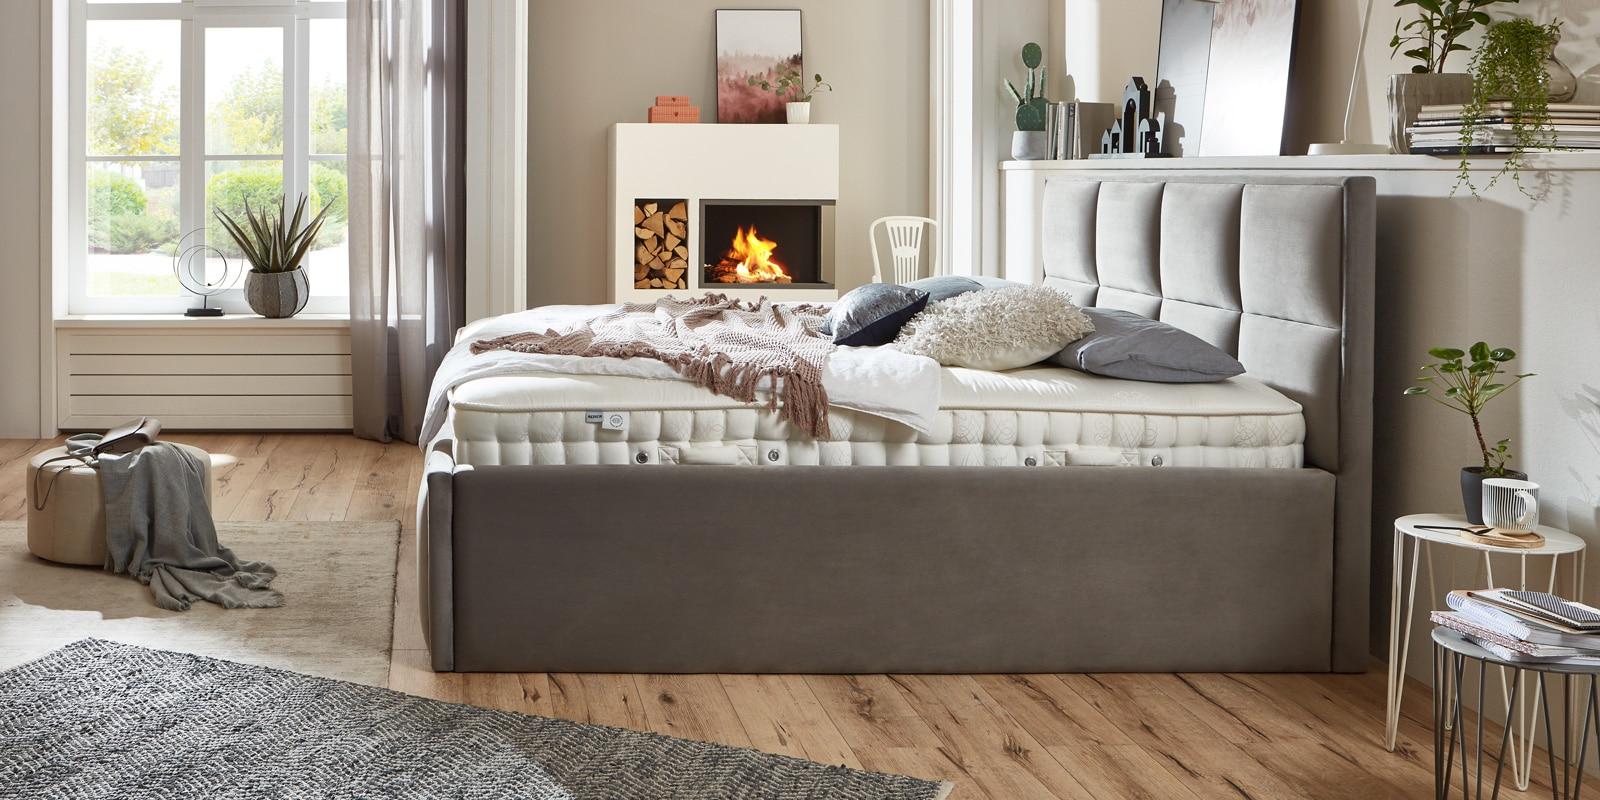 Bett mit Bettkasten Neptun XXL Samt grau Stauraumbett Seitenansicht